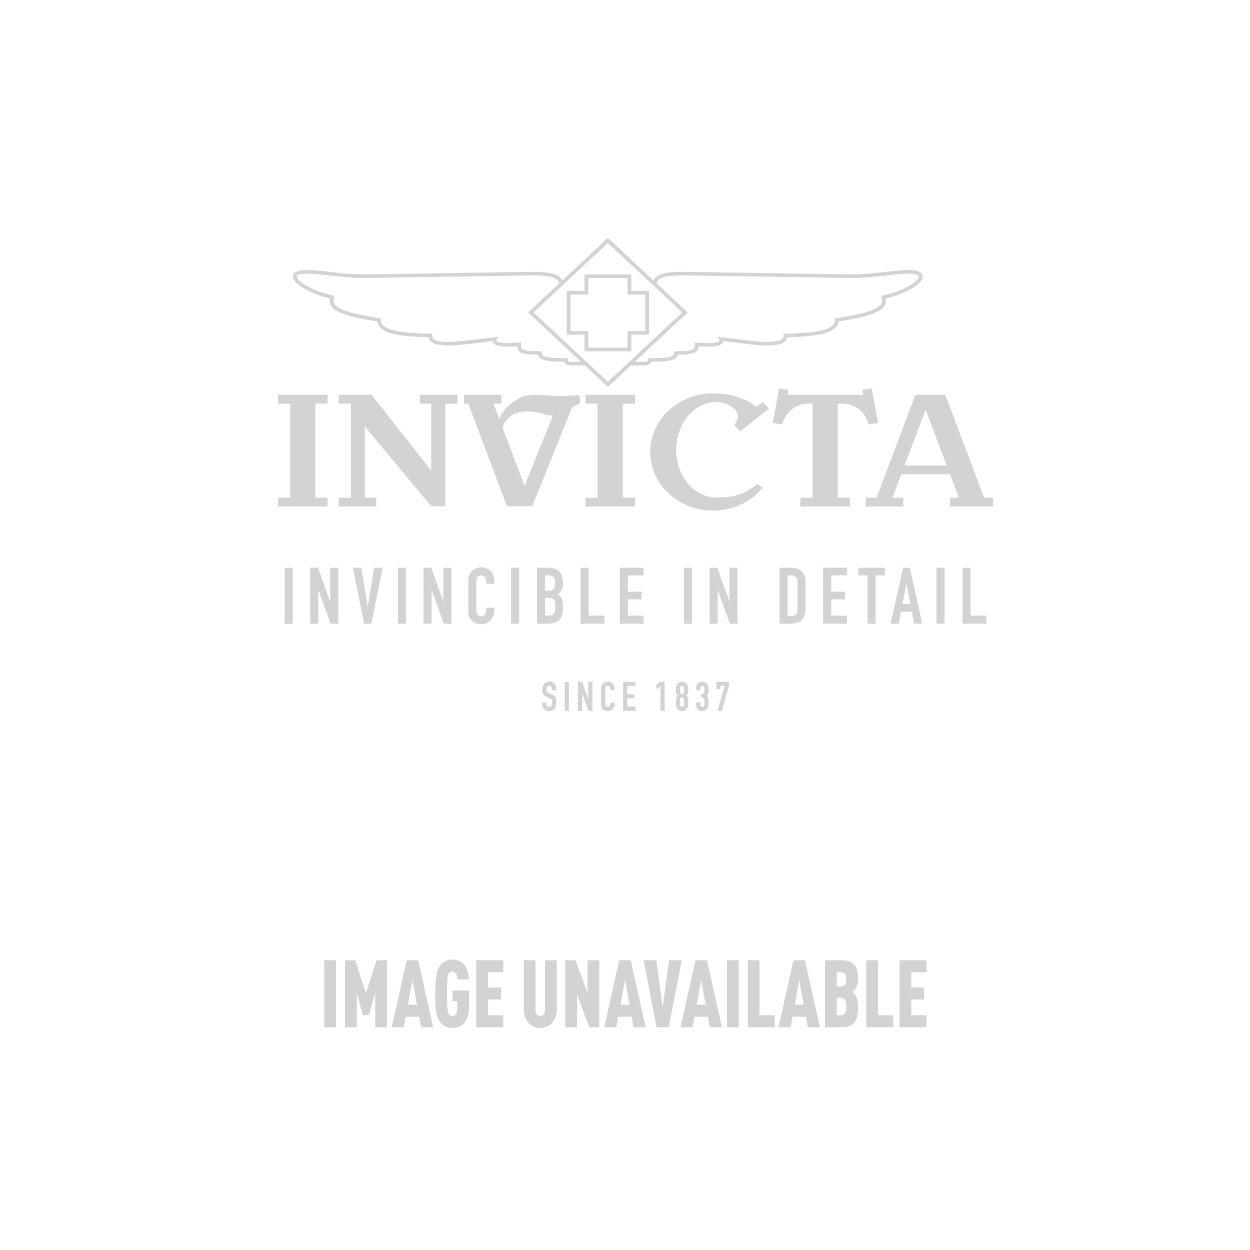 Invicta Model 27952